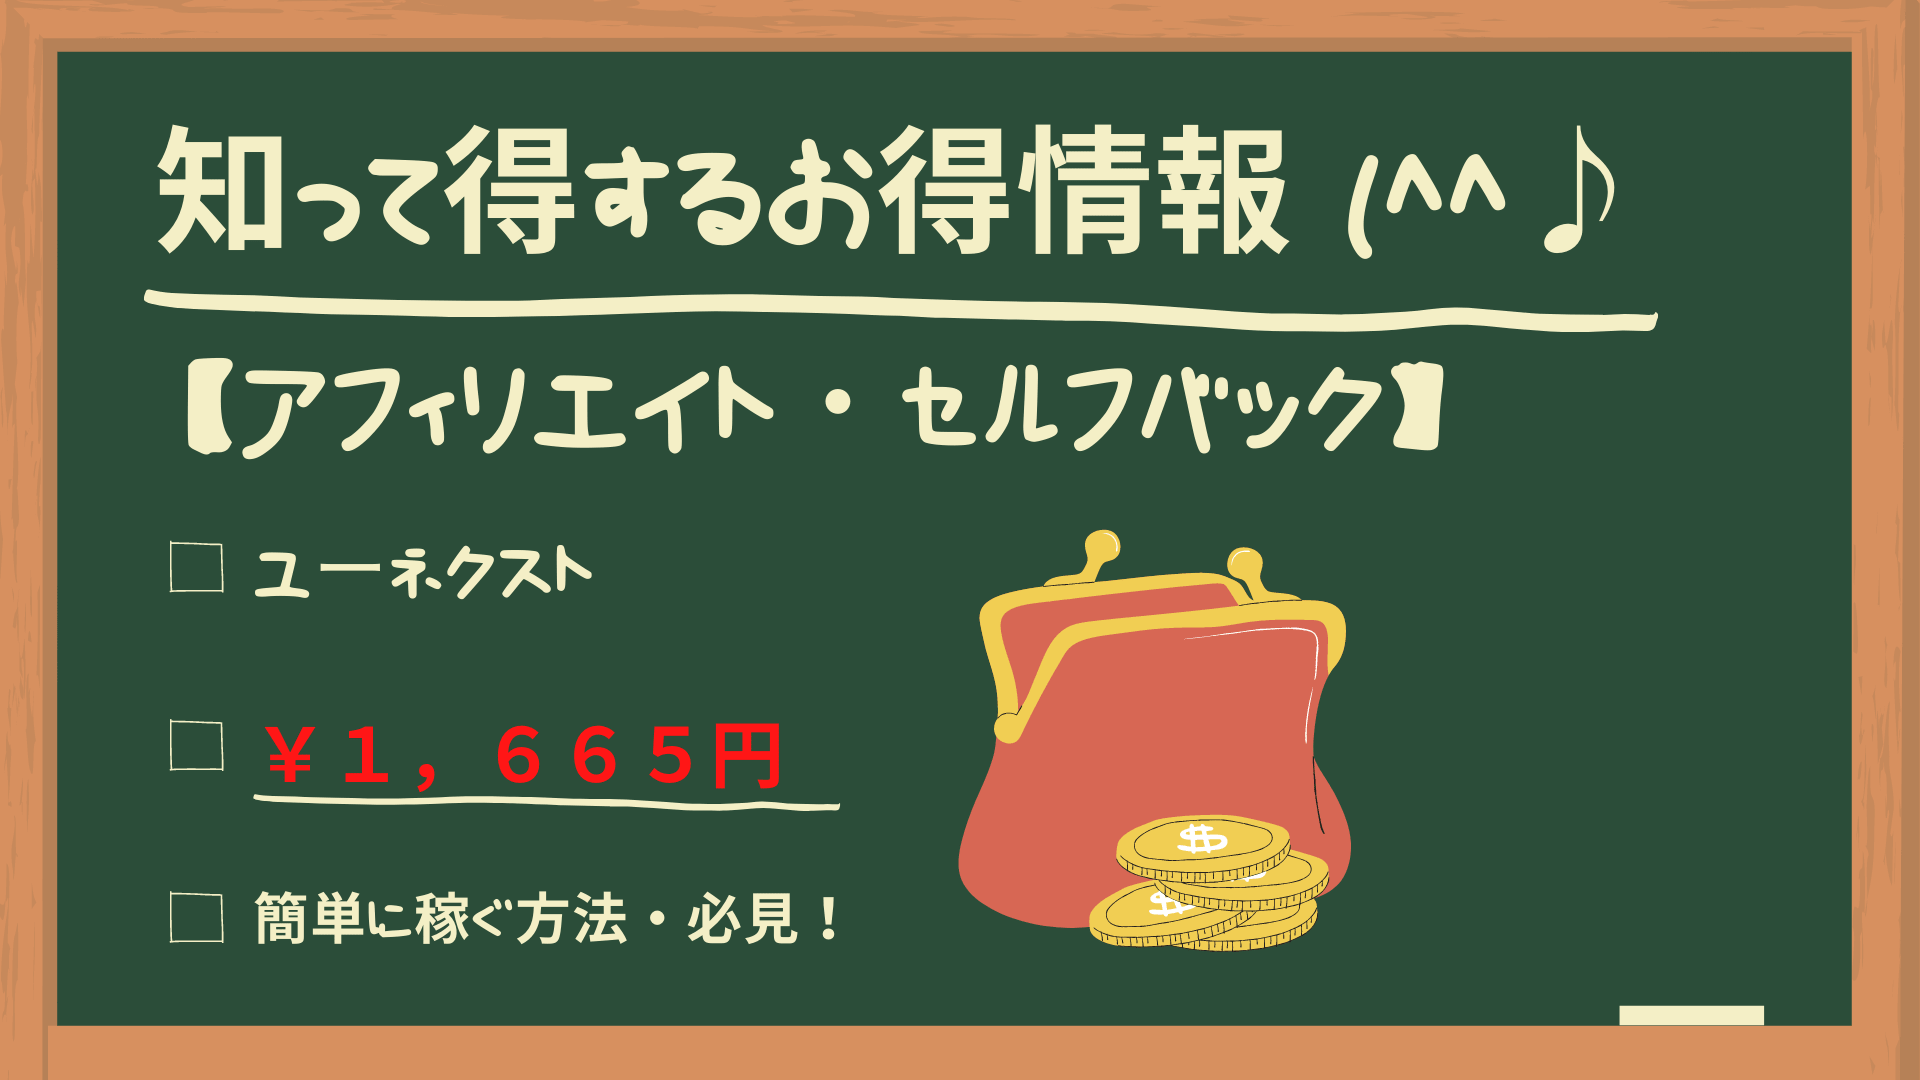 【フィリエイト】ユーネクストのセルフバックで¥1,655円稼ぐ方法!【知って得する】